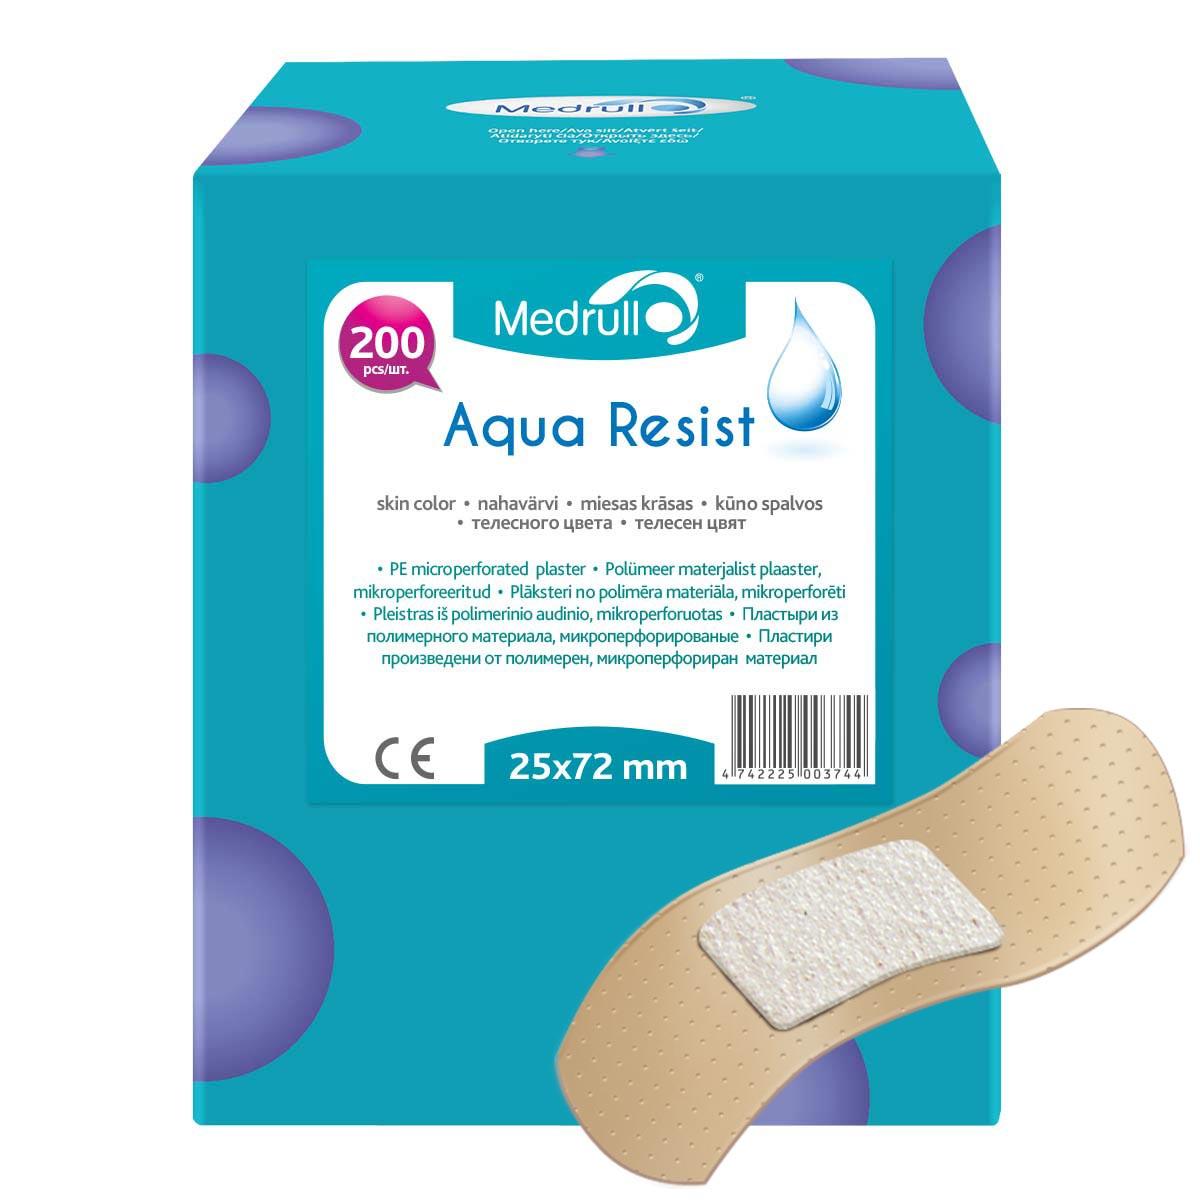 Medrull Набор пластырей Aqua Resist, 2,5х7,2 см, №20003102216Универсальные пластыри удобно и легко защитят рану от попадания влаги и грязи. Изготовлены из тонкого, перфорированного, полимерного материала, благодаря перфорации не препятствуют доступу воздуха к коже. Свойства пластыря: водонепроницаемые, грязенепроницаемые, гипоаллергенные, эластичные, дышащие, плотно прилегающие. Абсорбирующая подушечка изготовлена из вискозы и обладает высокой впитываемостью. Верхняя часть подушечки обработана полипропиленом, что защищает от вероятности прилипания пластыря к поврежденной поверхности кожи.